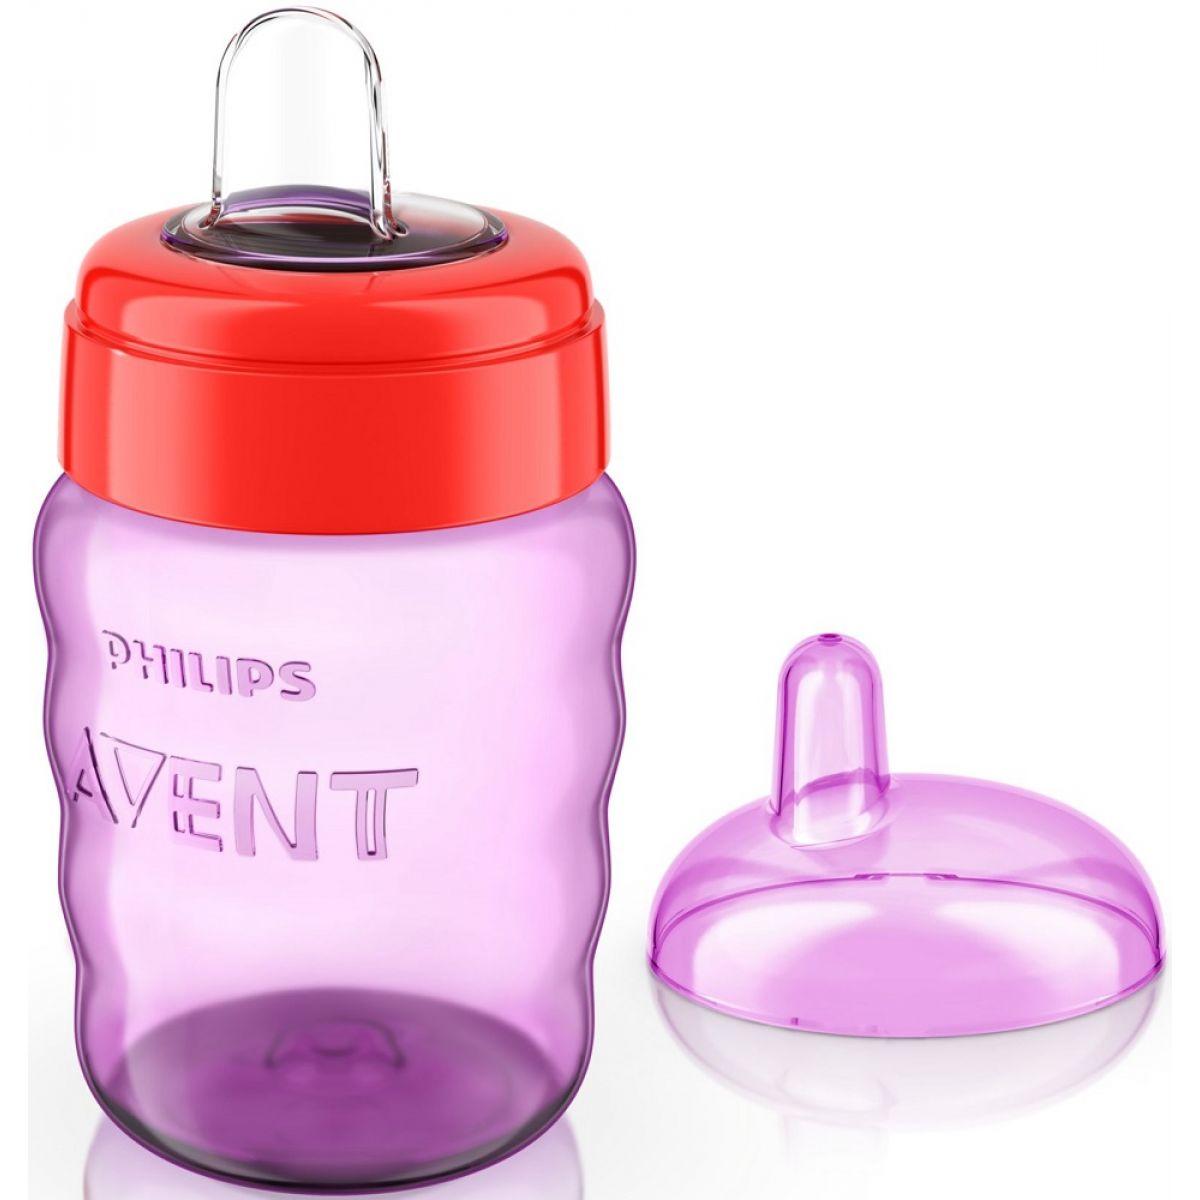 Phillips Avent Hrnček pre prvé dúšky Classic 260 ml, fialový